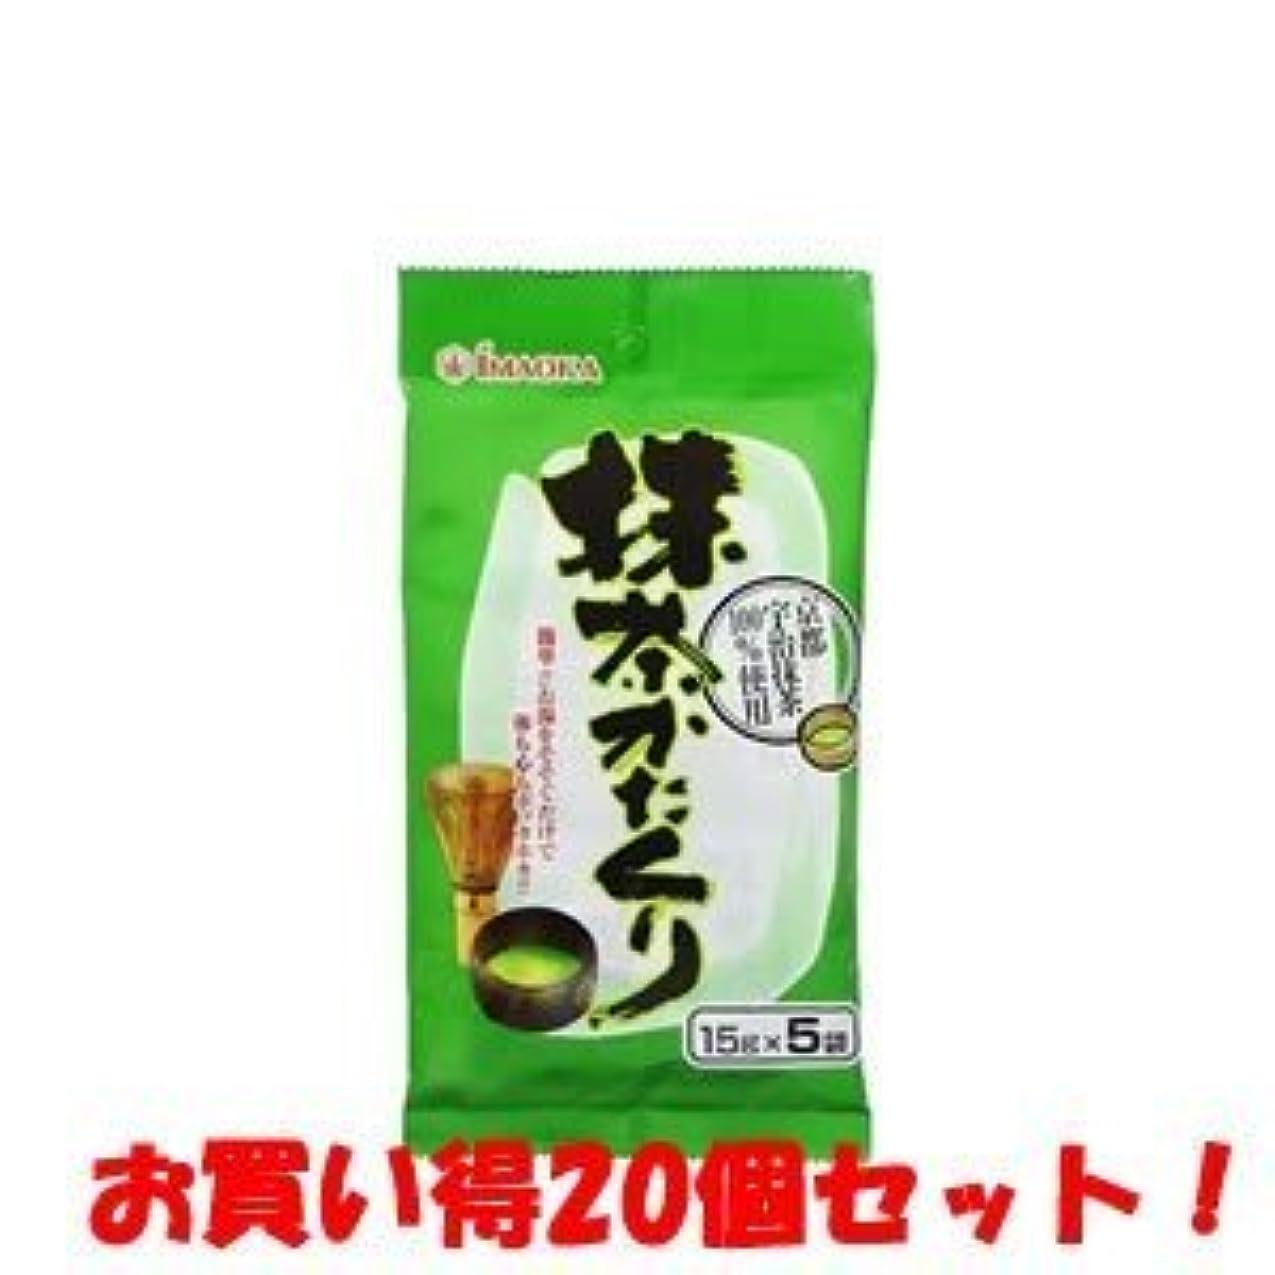 ホイスト額前(今岡製菓)抹茶かたくり 15g×5袋(お買い得20個セット)